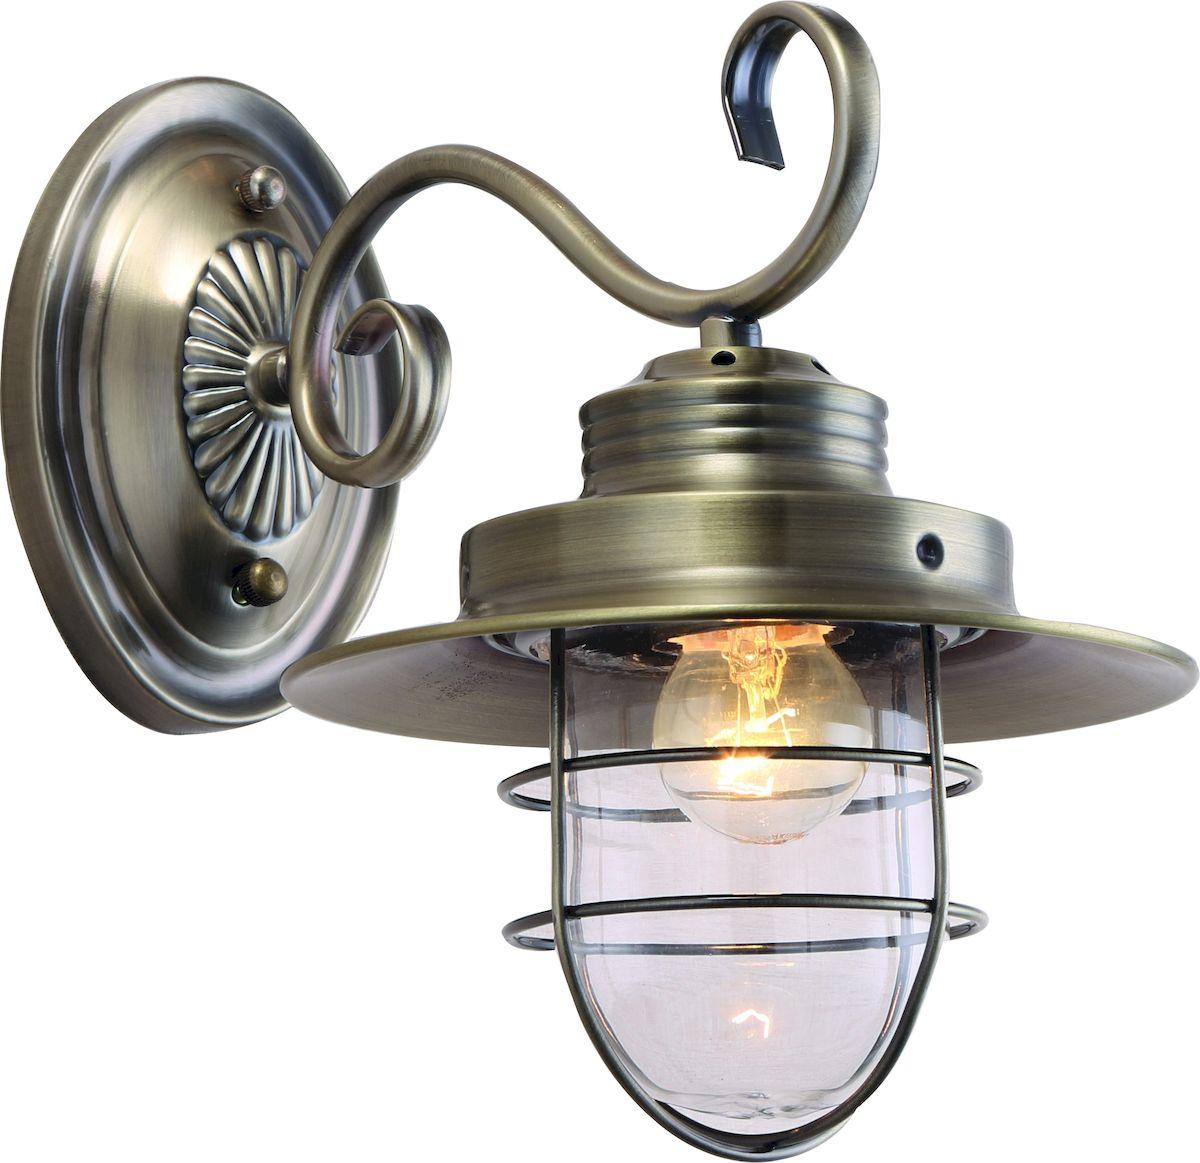 Светильник настенный Arte Lamp Lanterna. A4579AP-1ABA4579AP-1ABСветильник Arte Lamp Lanterna поможет создать в вашем доме атмосферу уюта и комфорта. Благодаря высококачественным материалам он практичен в использовании и отлично работает на протяжении долгого периода времени. Цоколь Е27, 1 шт, 60 Ватт. Удаление от стены: 30 см. Крепление: монтажная планка шурупами.